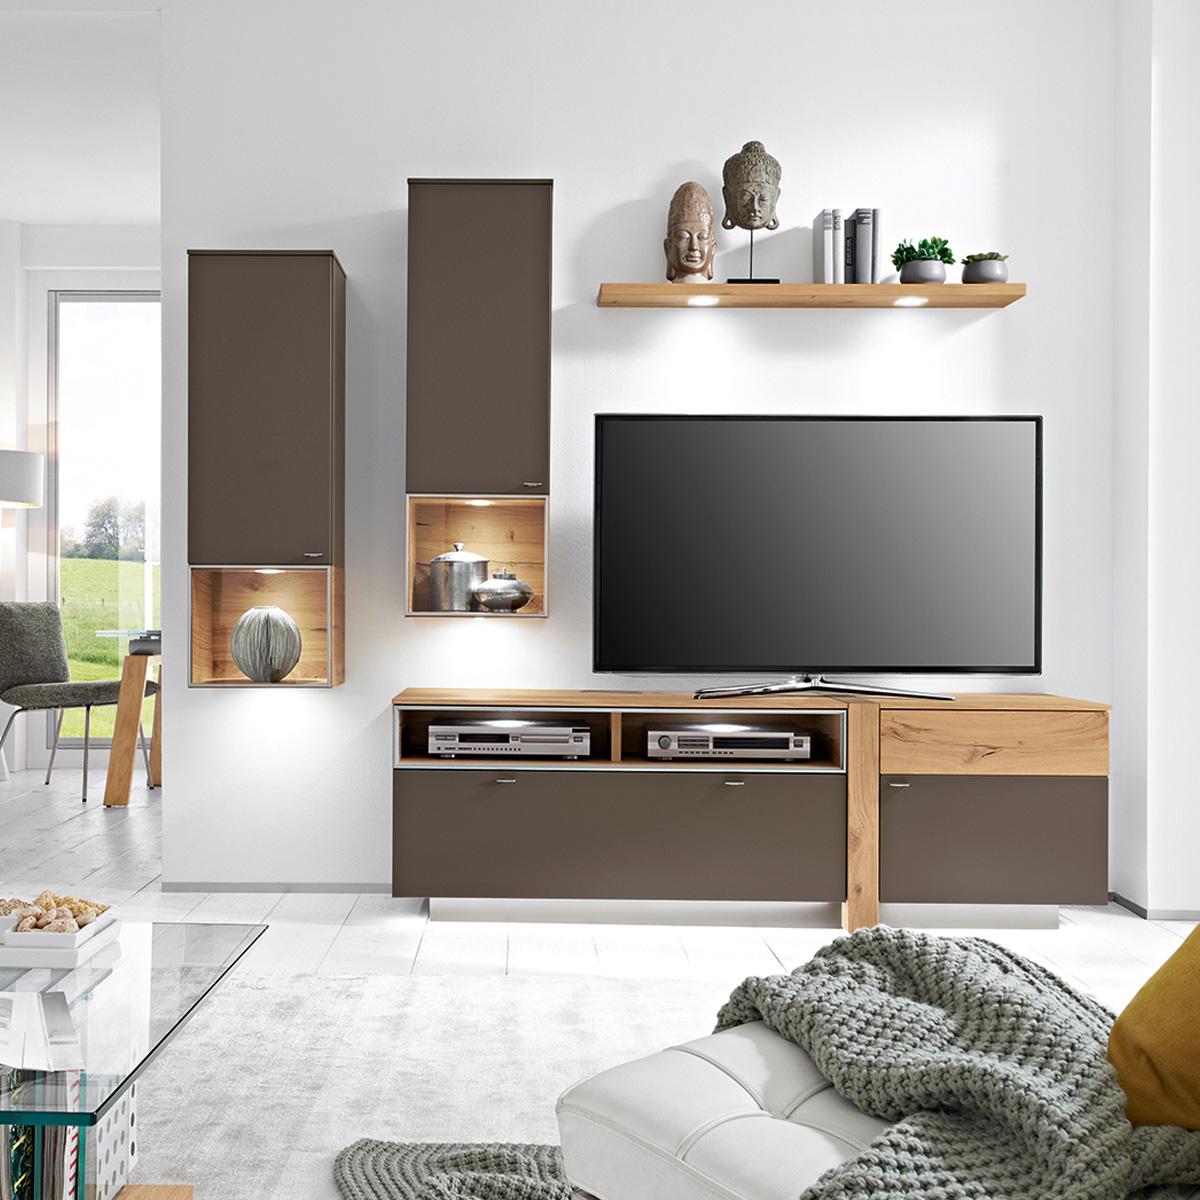 Venjakob Wohnzimmermöbel aus dem Programm Albero